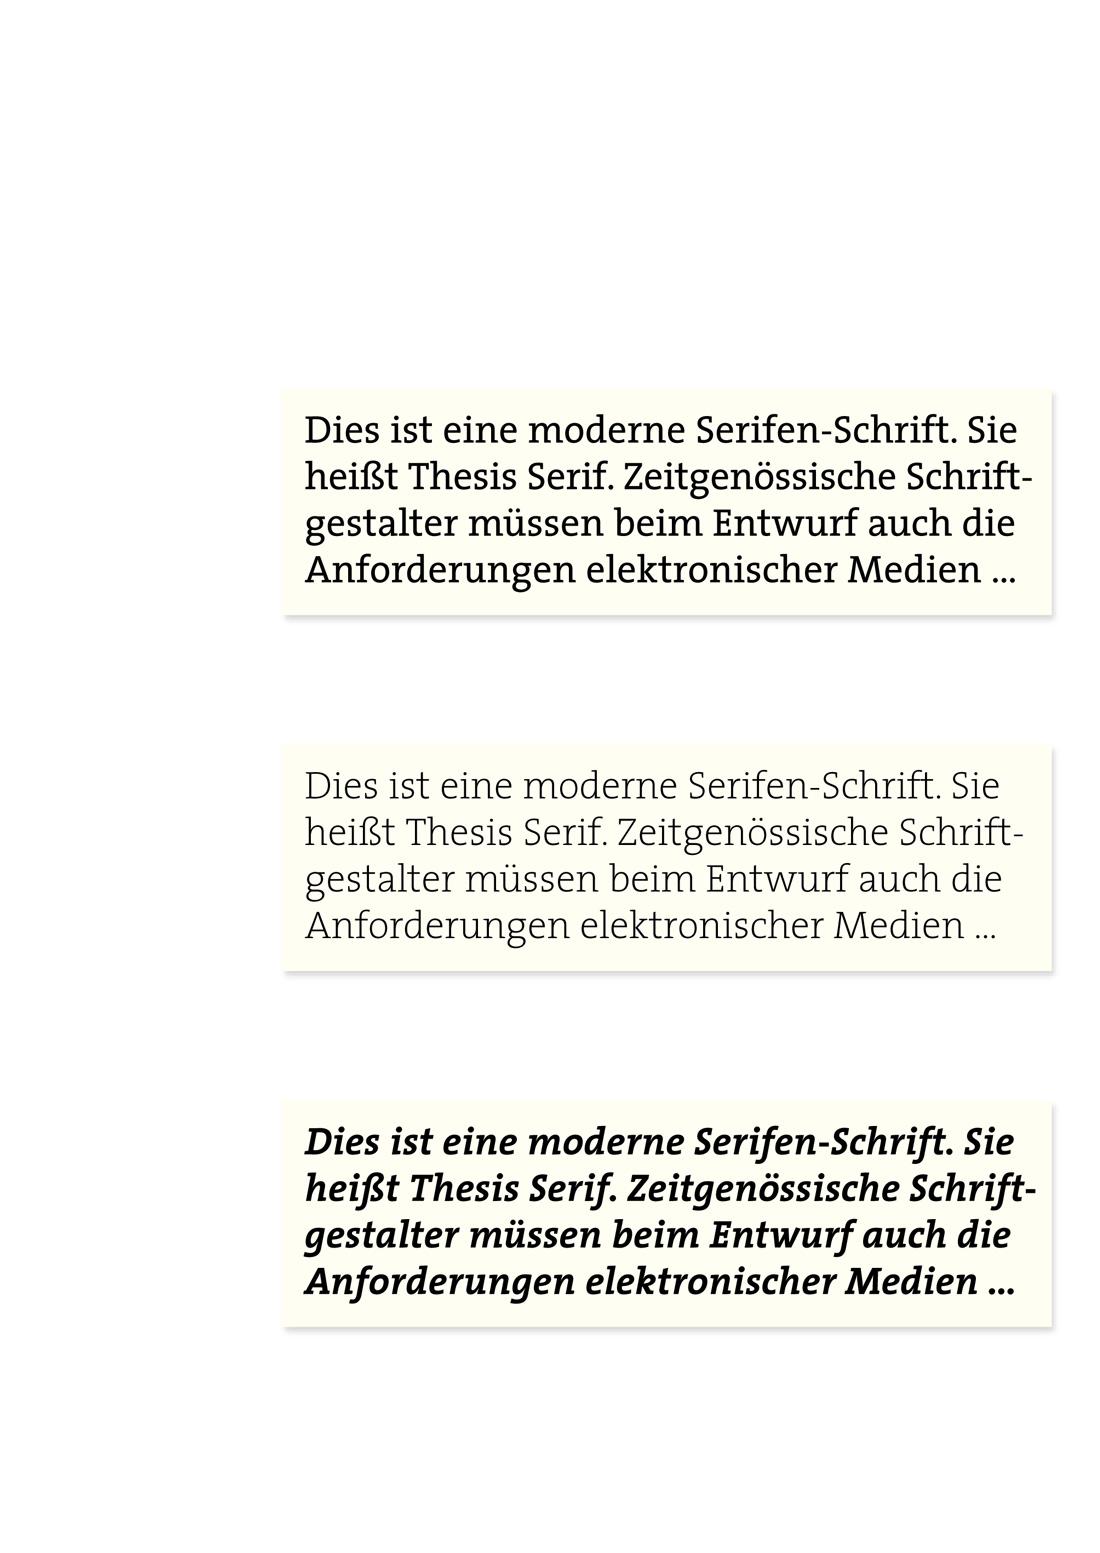 thesis serif bold